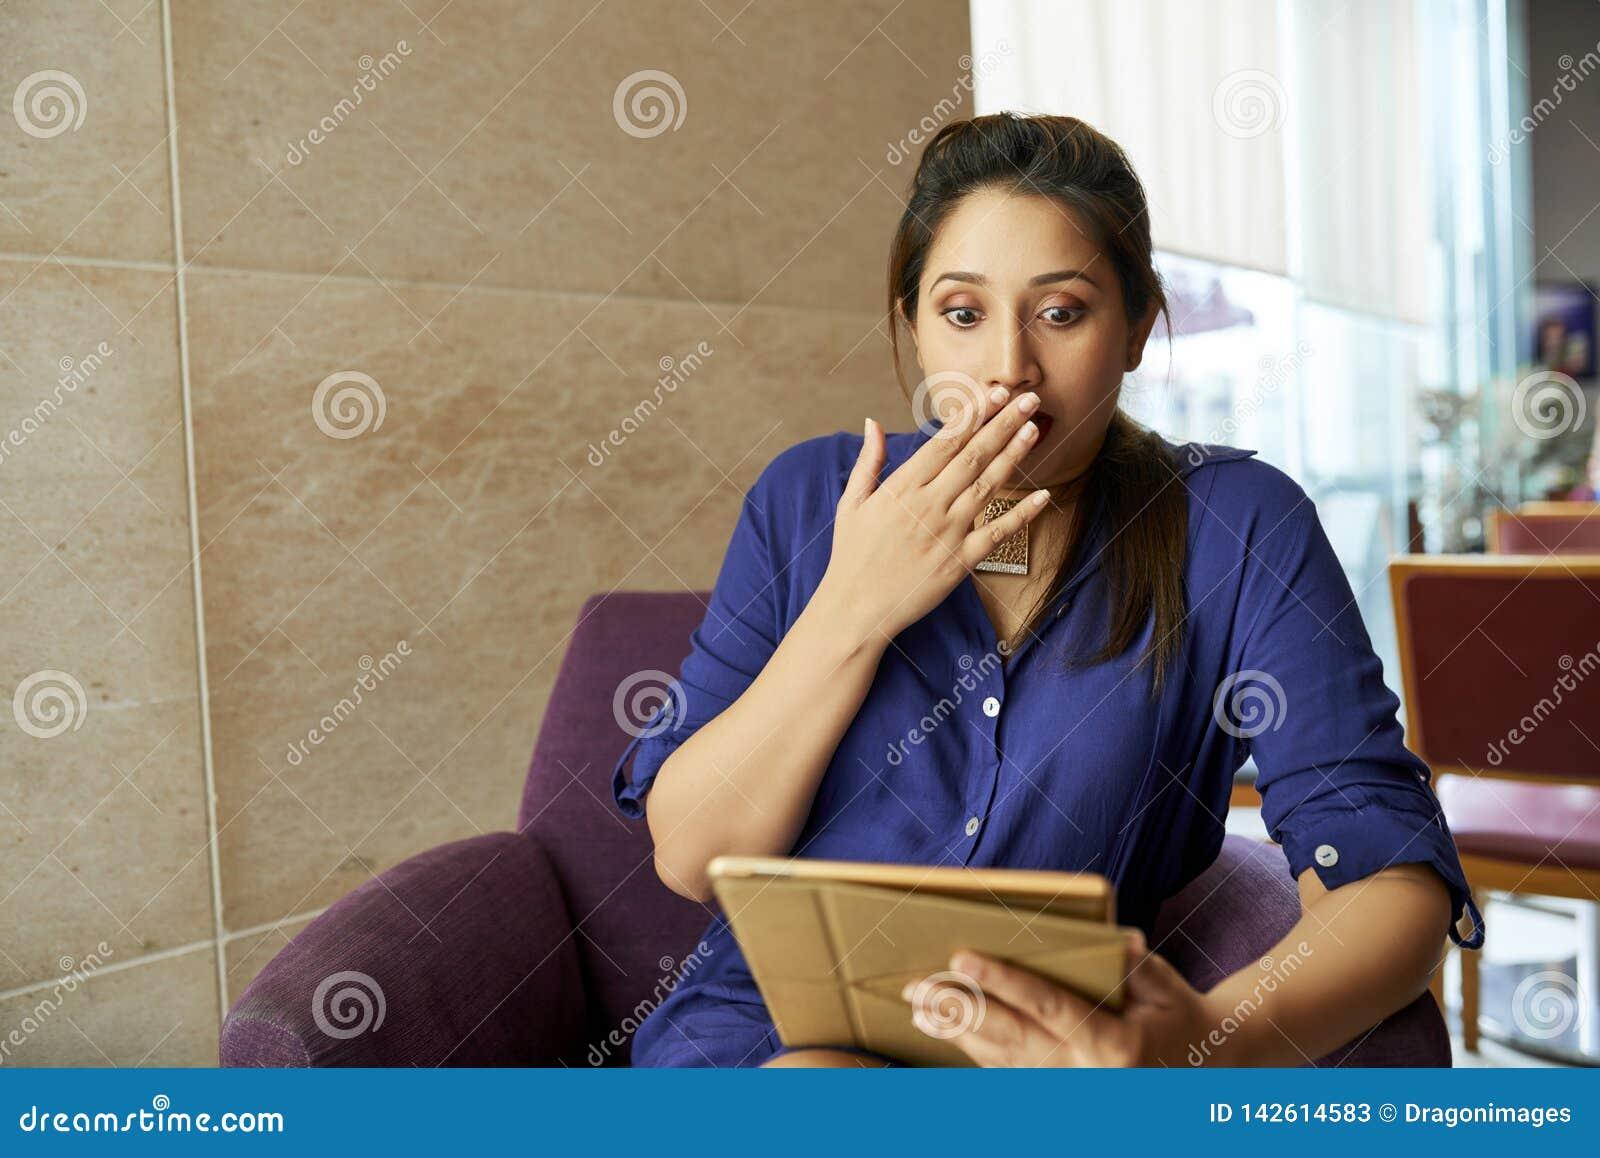 Kobieta ogląda szokującą zawartość